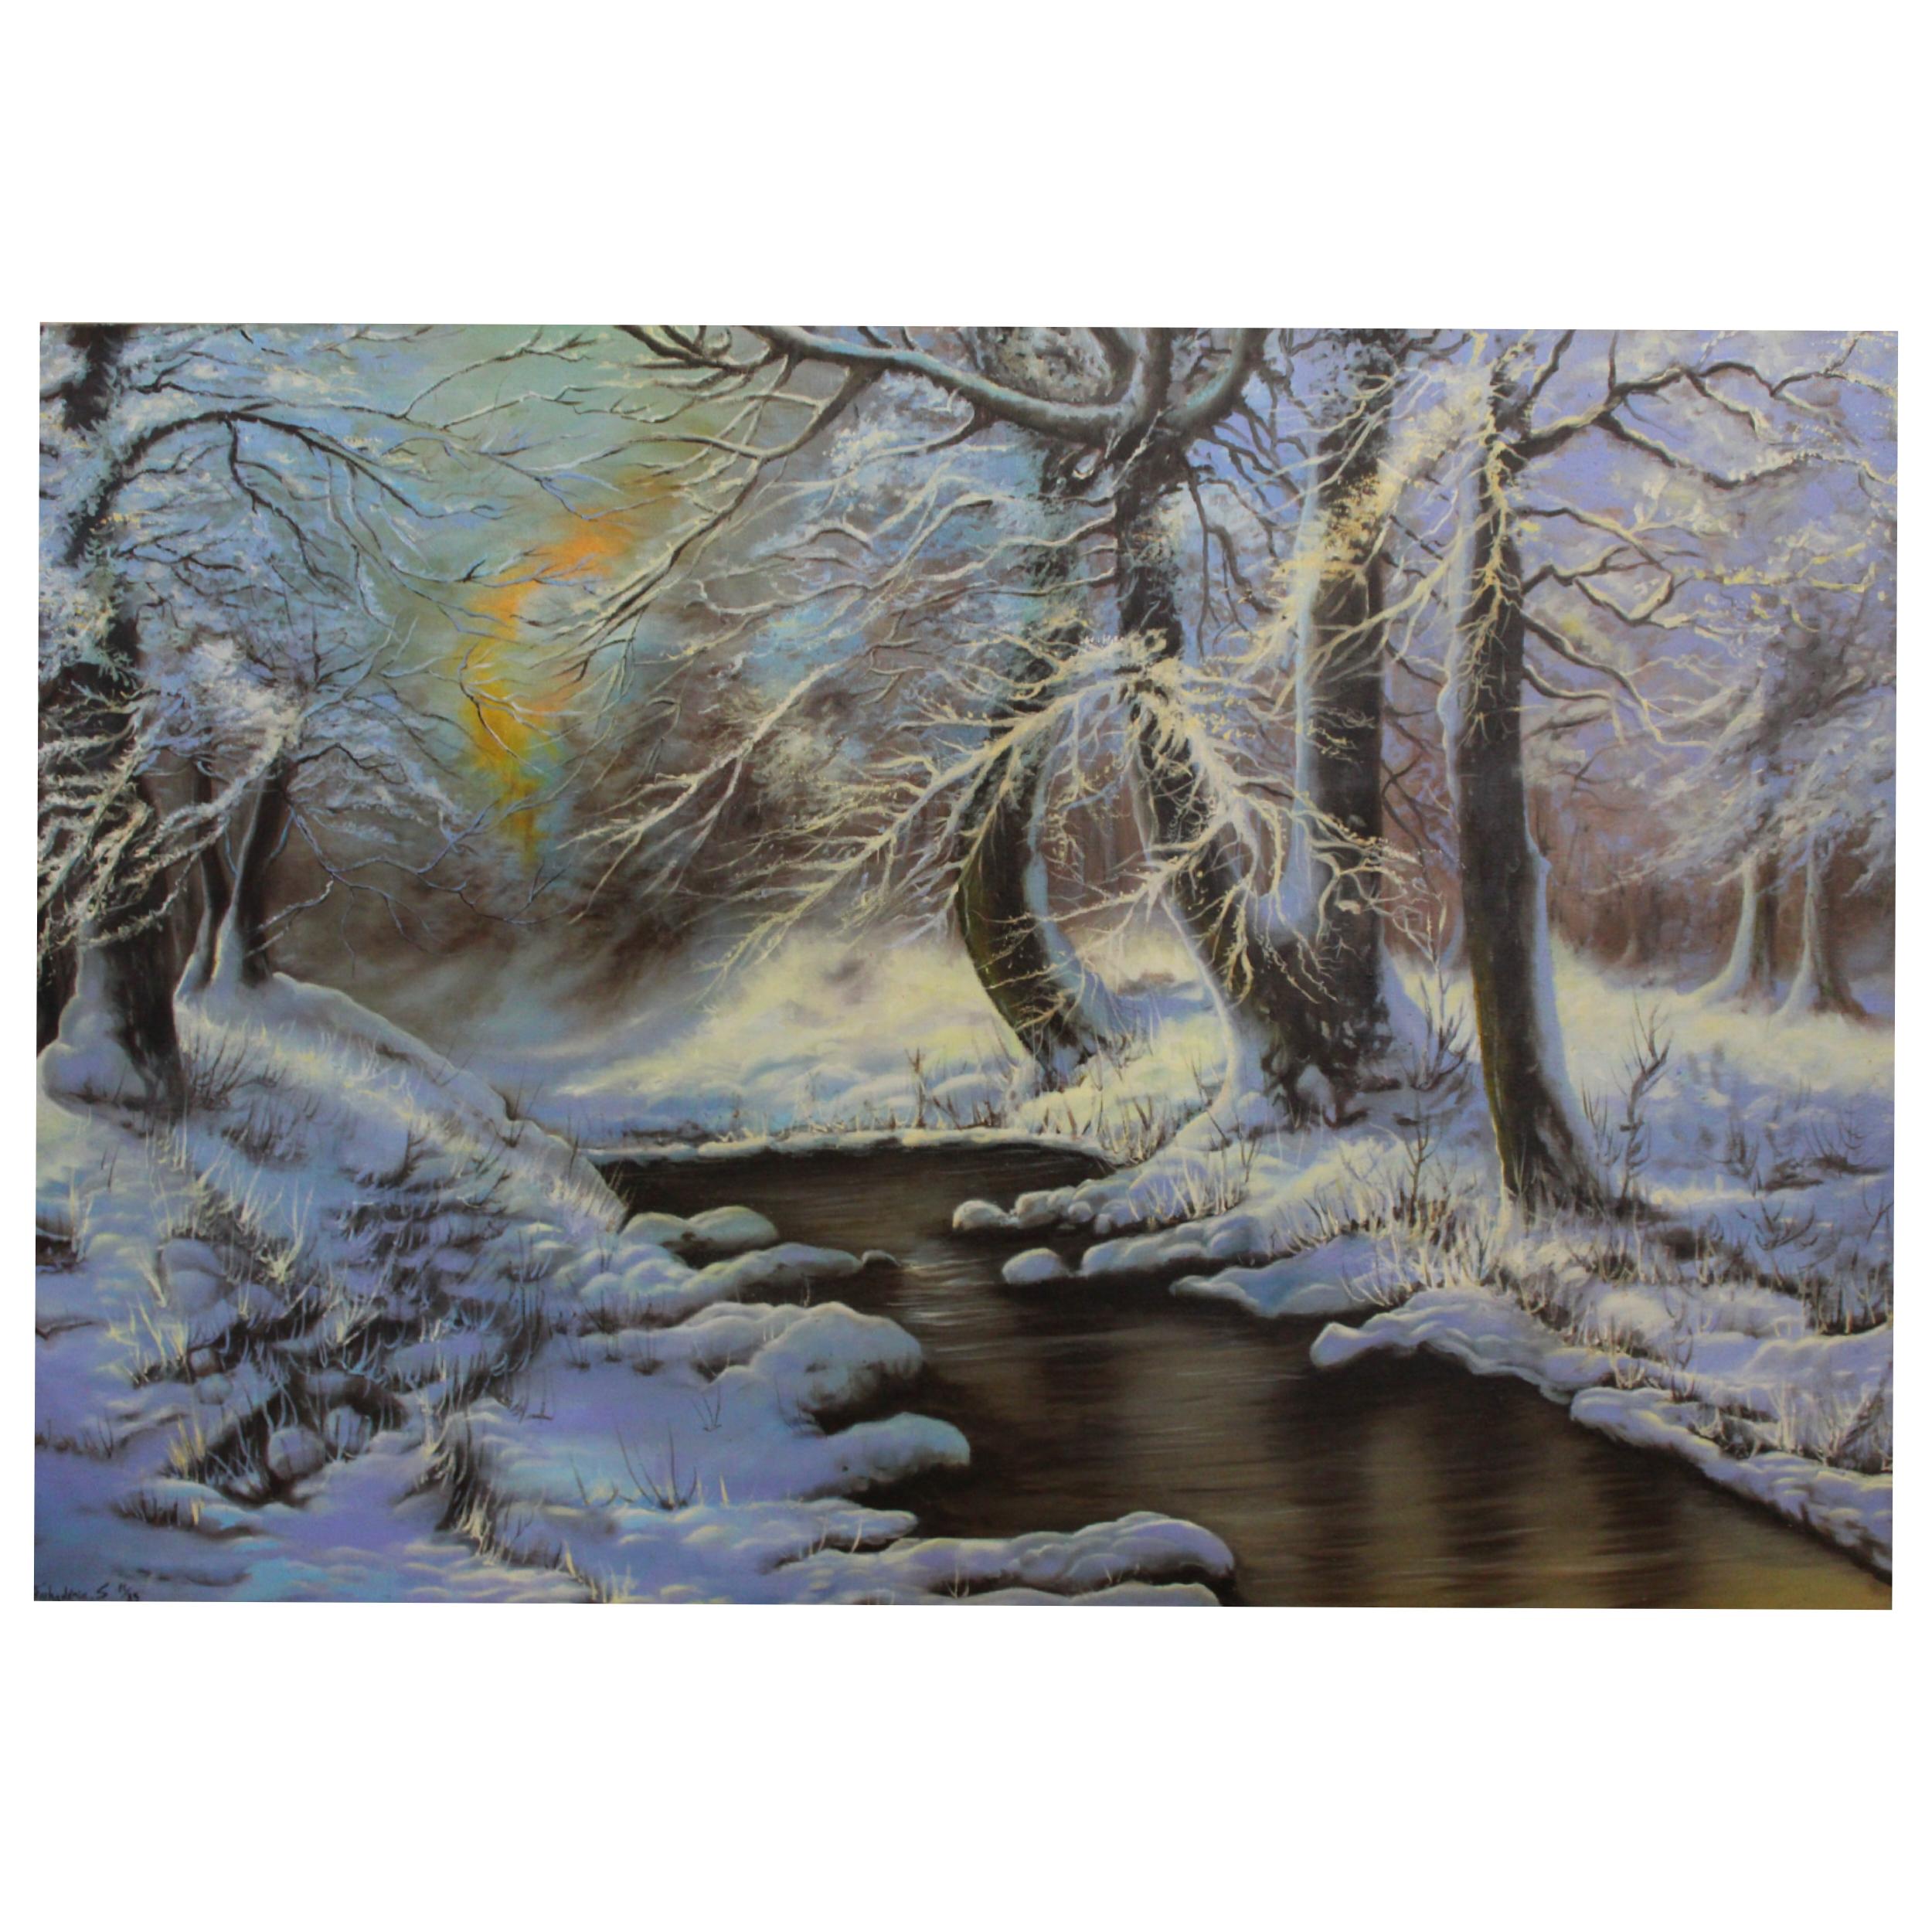 عکس تابلو نقاشی رنگ روغن طرح منظره ی برفی